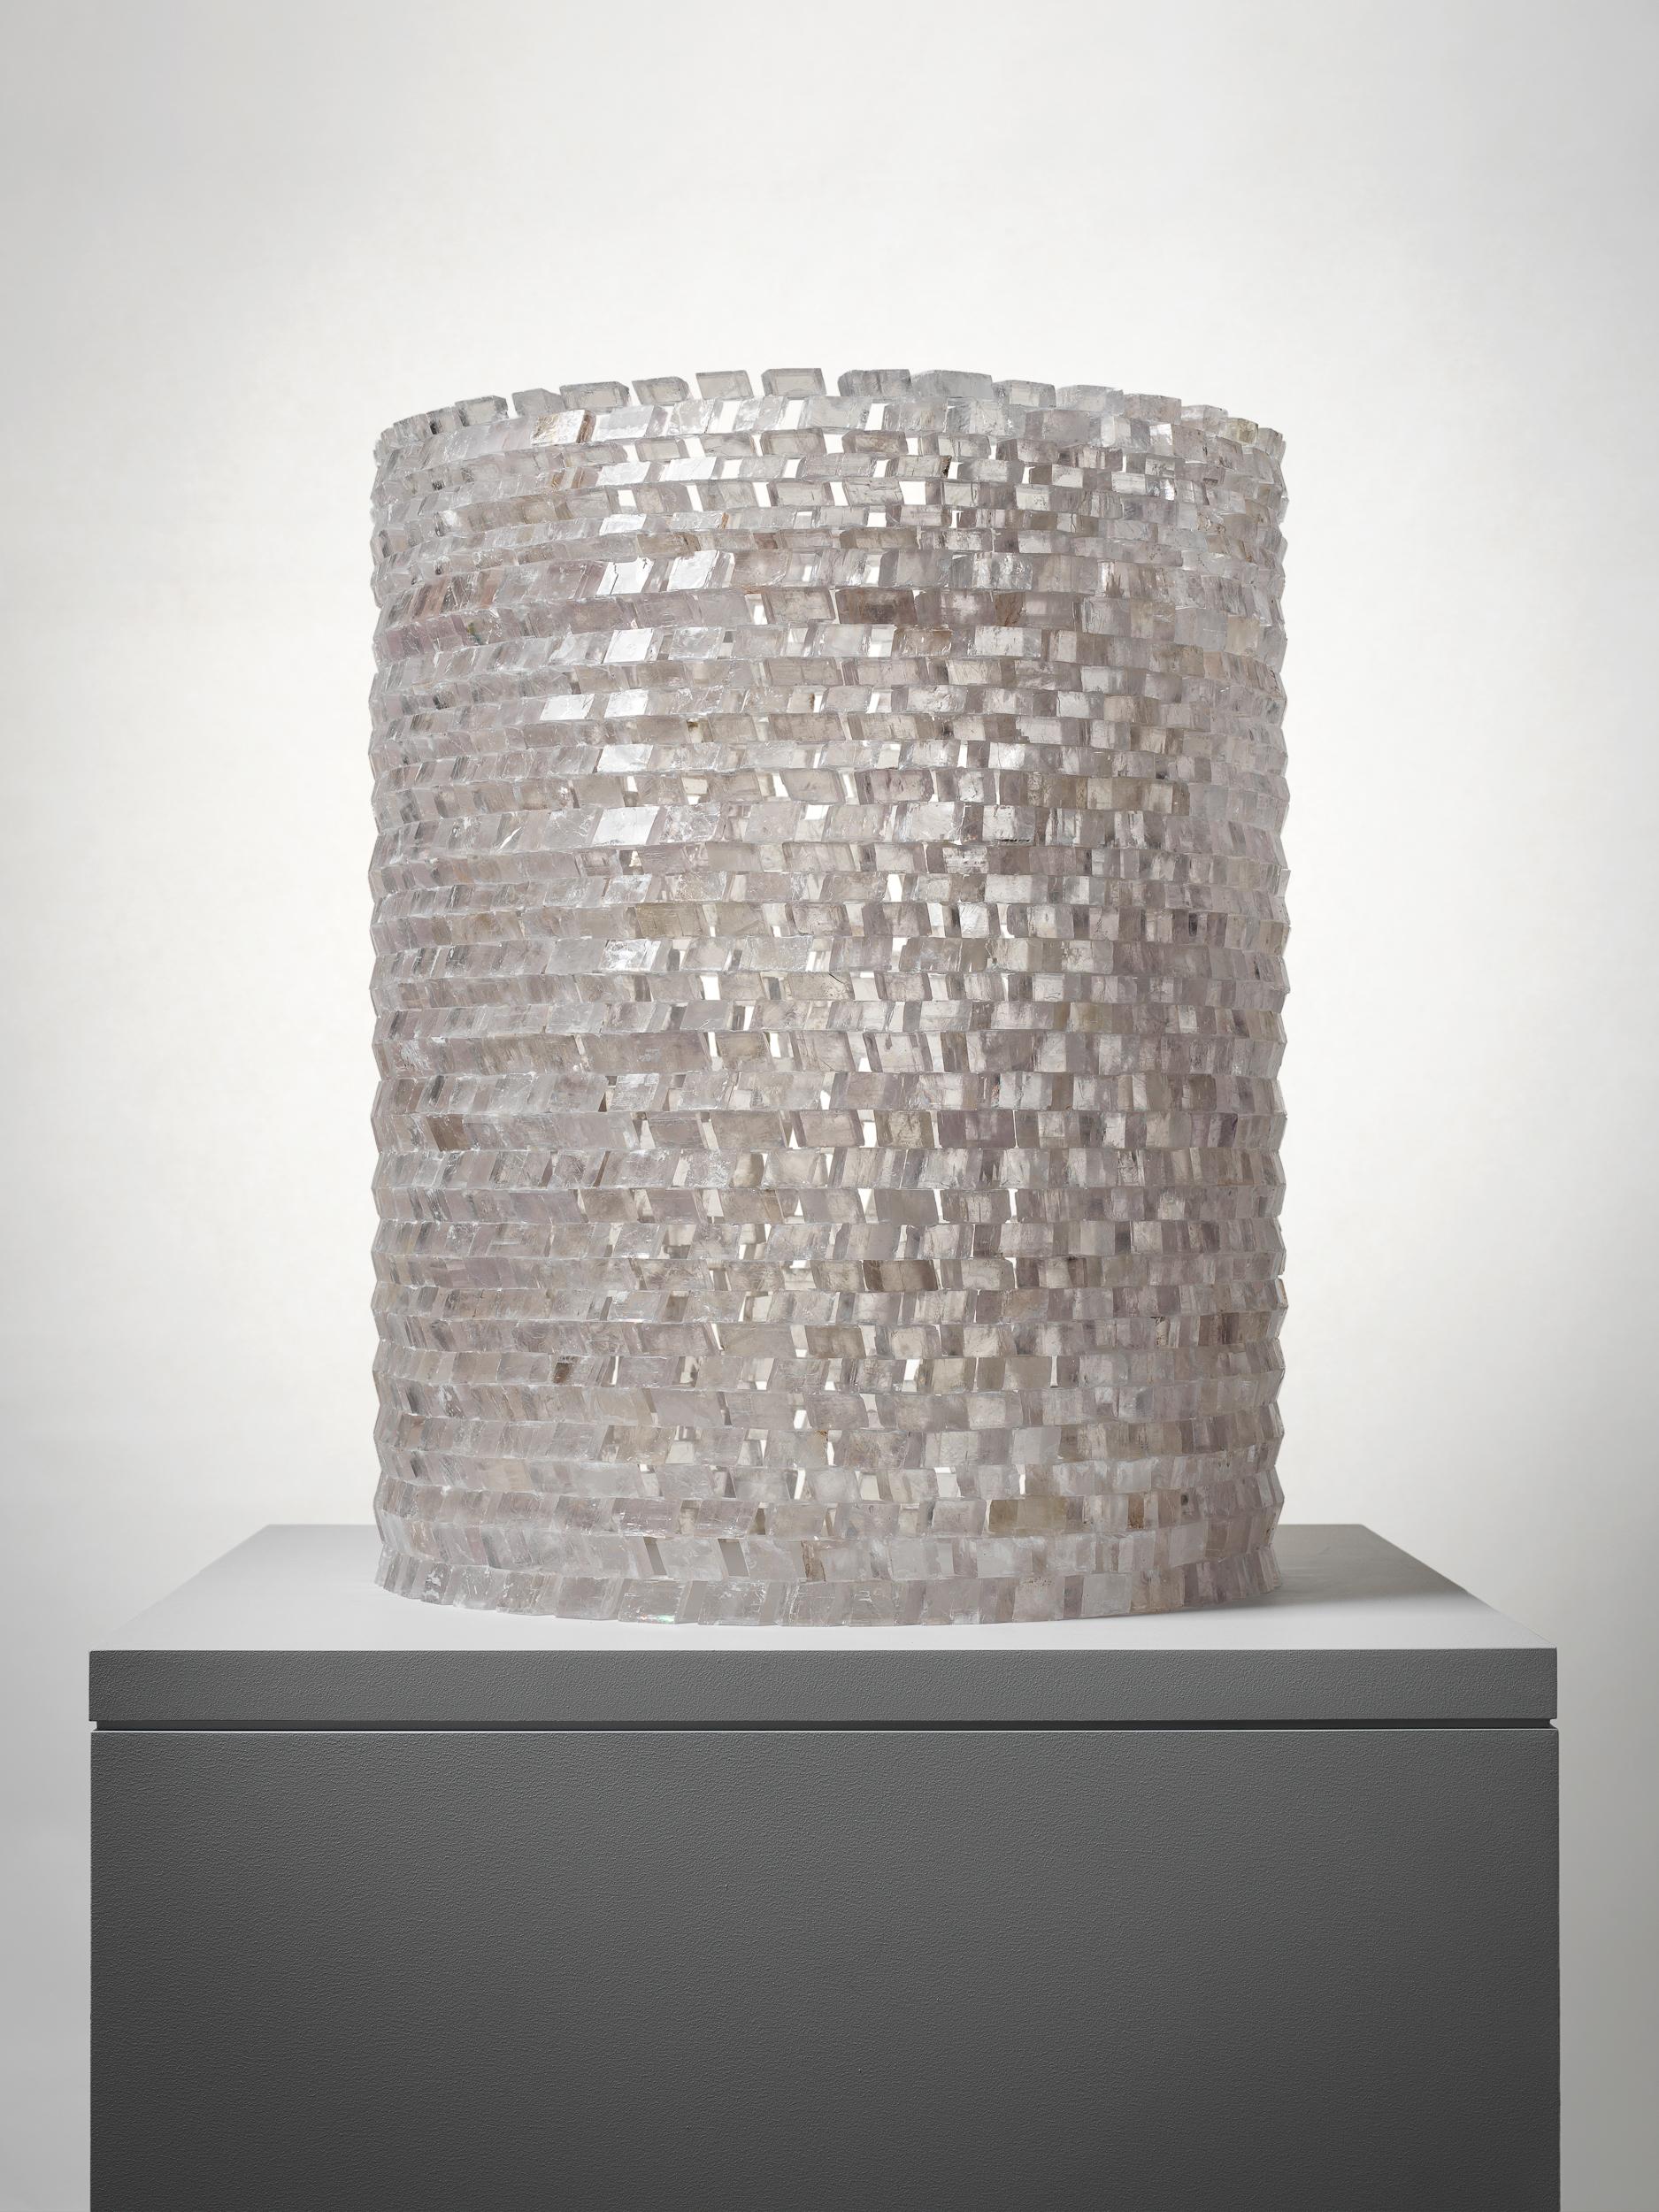 Sans titre (Untitled) 2008  Hubert Duprat (Born 1957, Nérac, France; lives and works in southern France) Iceland spar (calcite crystals), glue